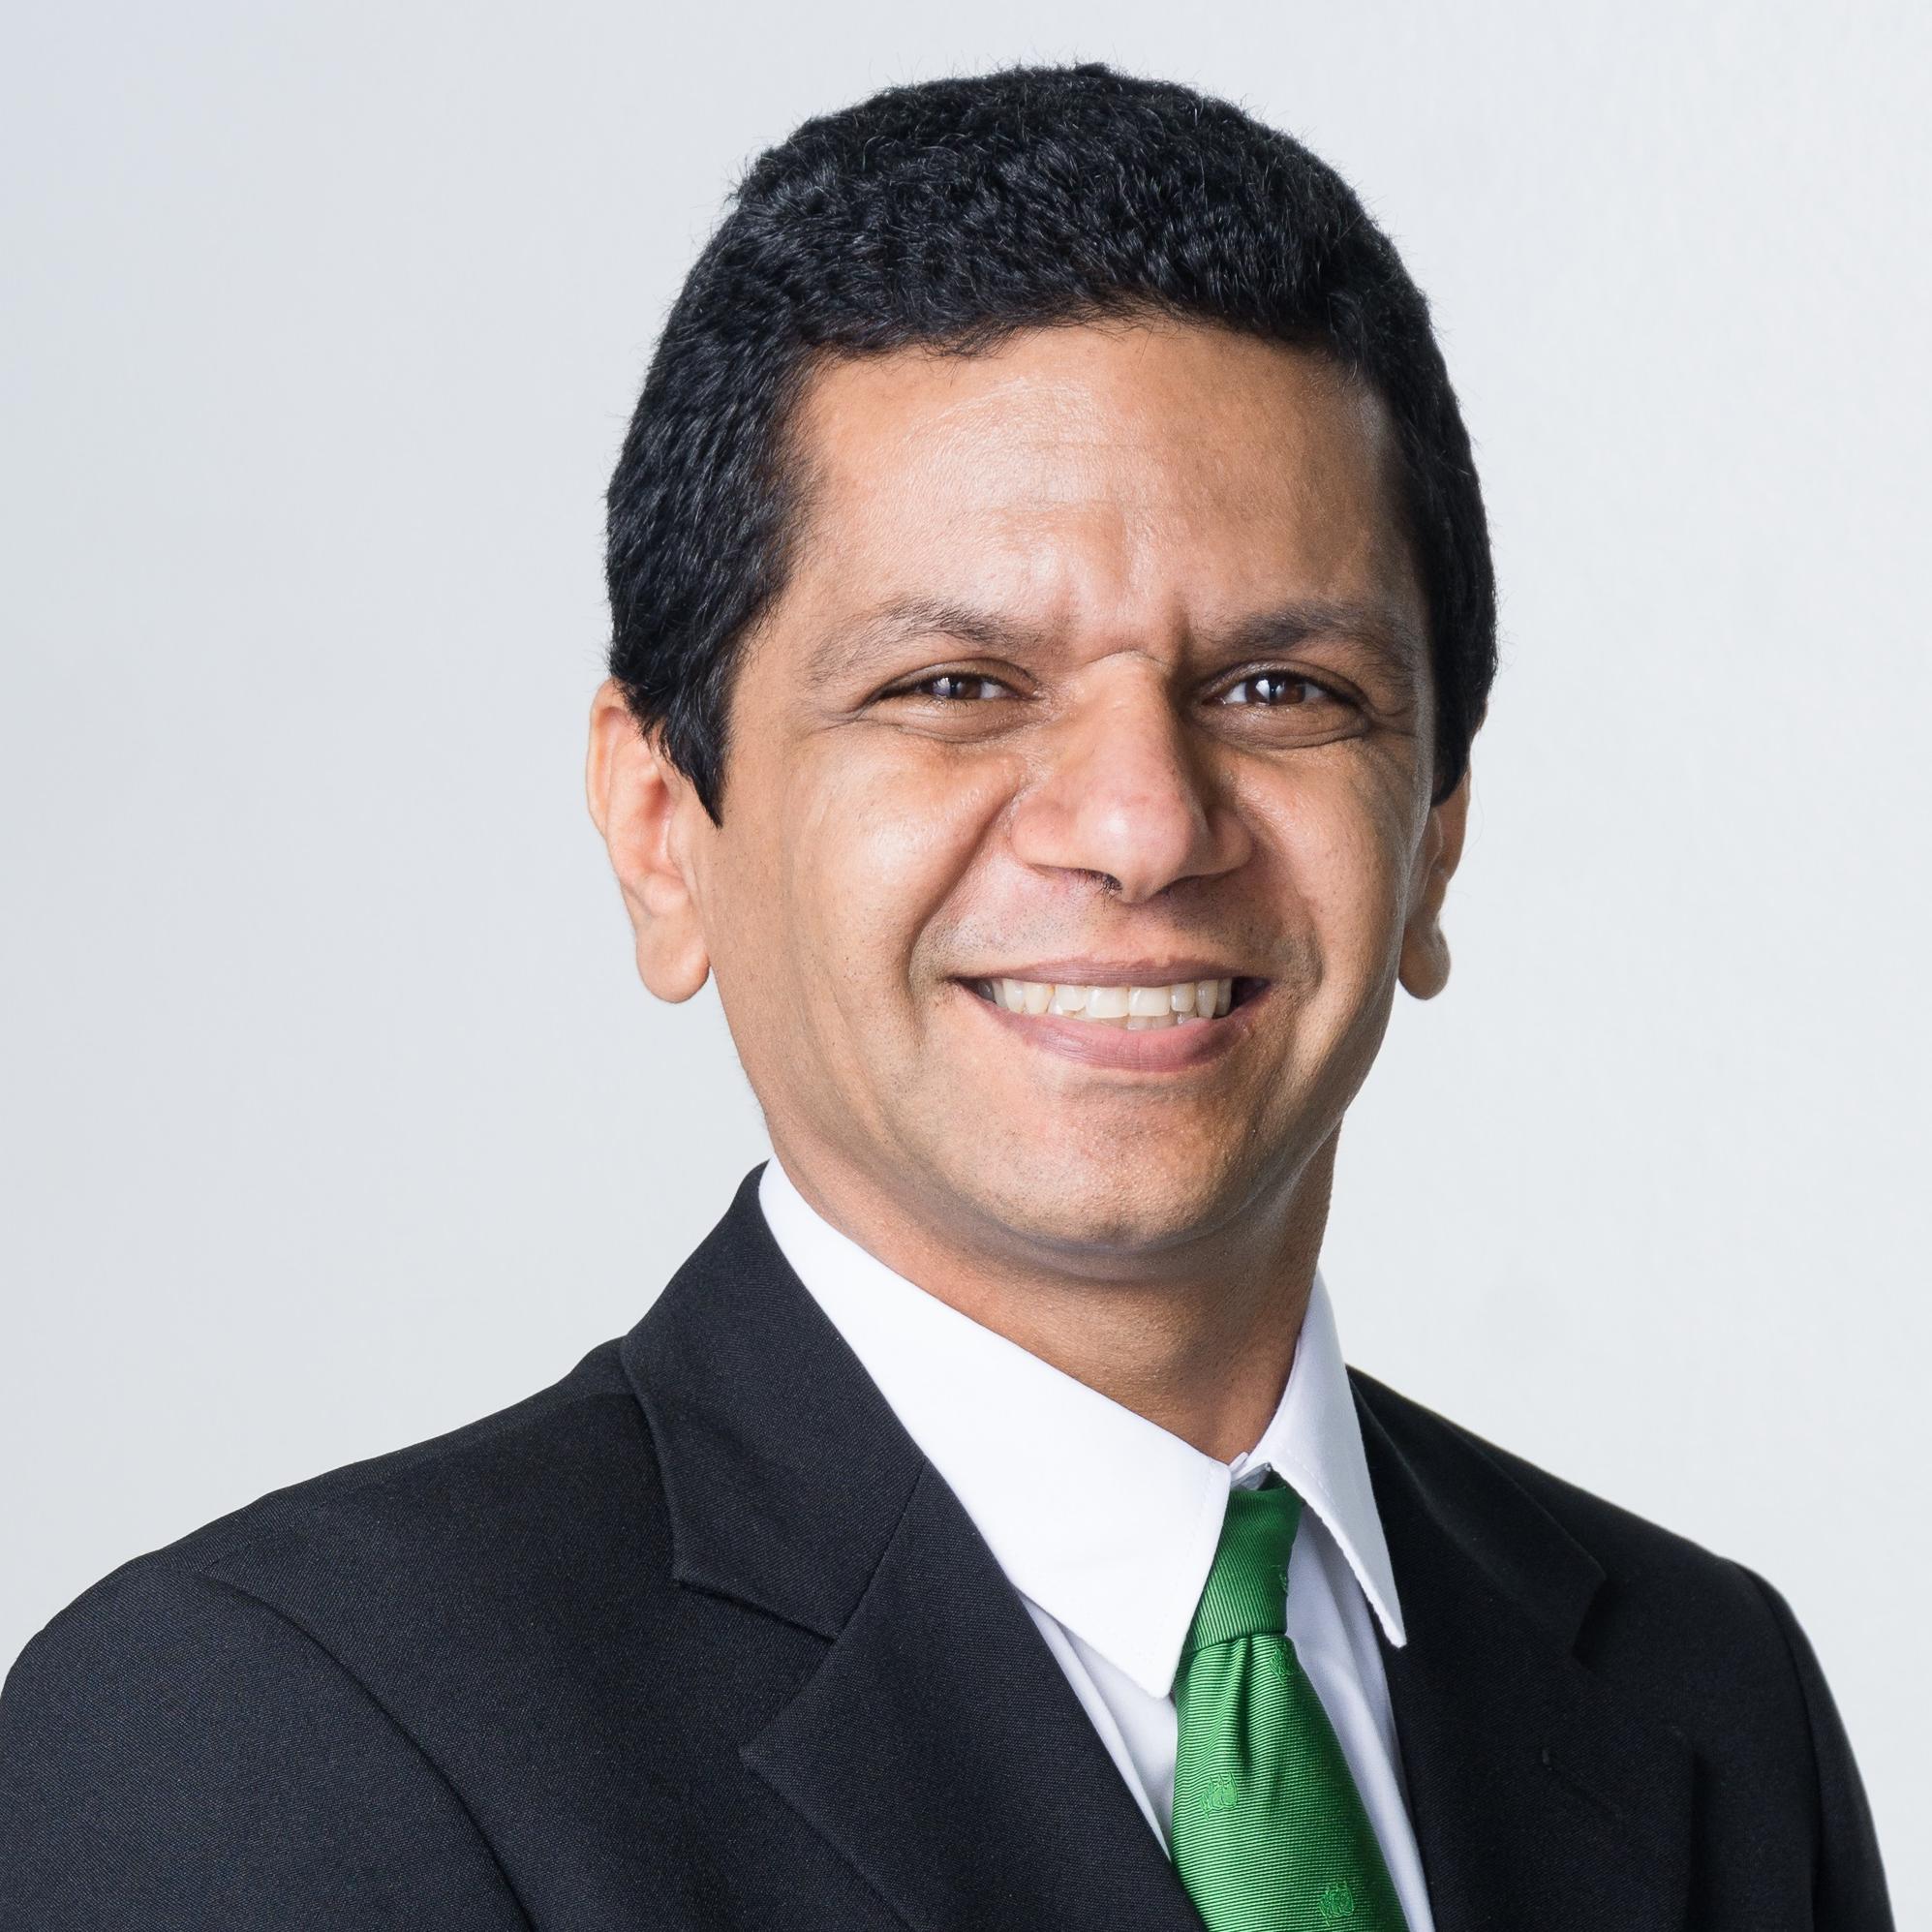 Adalberto Leandro Silva, PMP